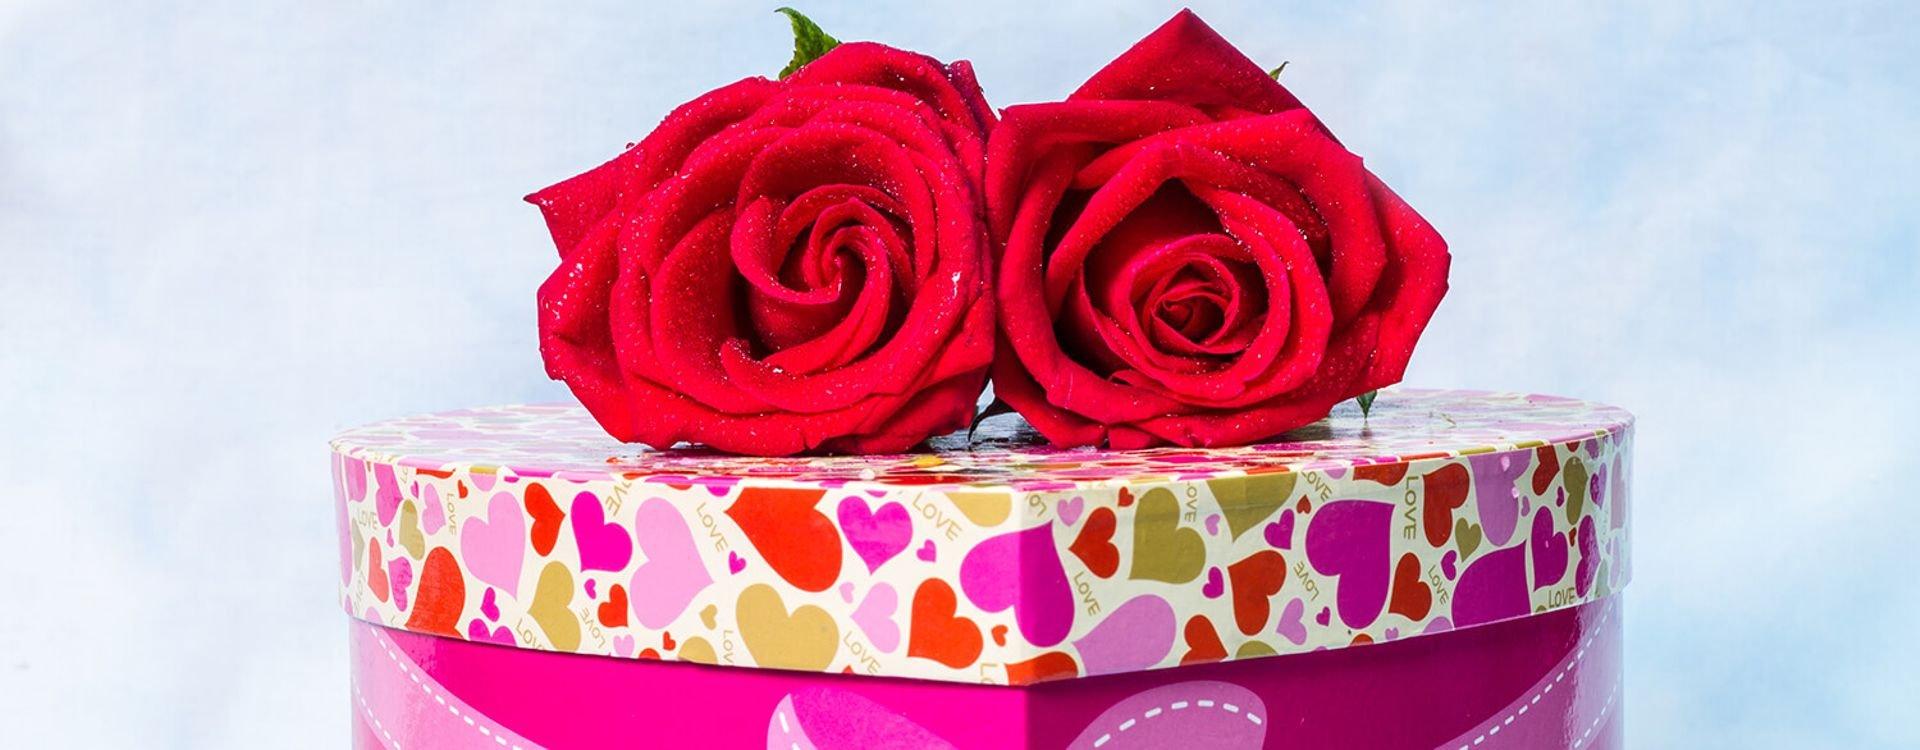 5c84a1cd4f292 الورود والأزهار من أجمل الهدايا التي تقدم في المناسبات